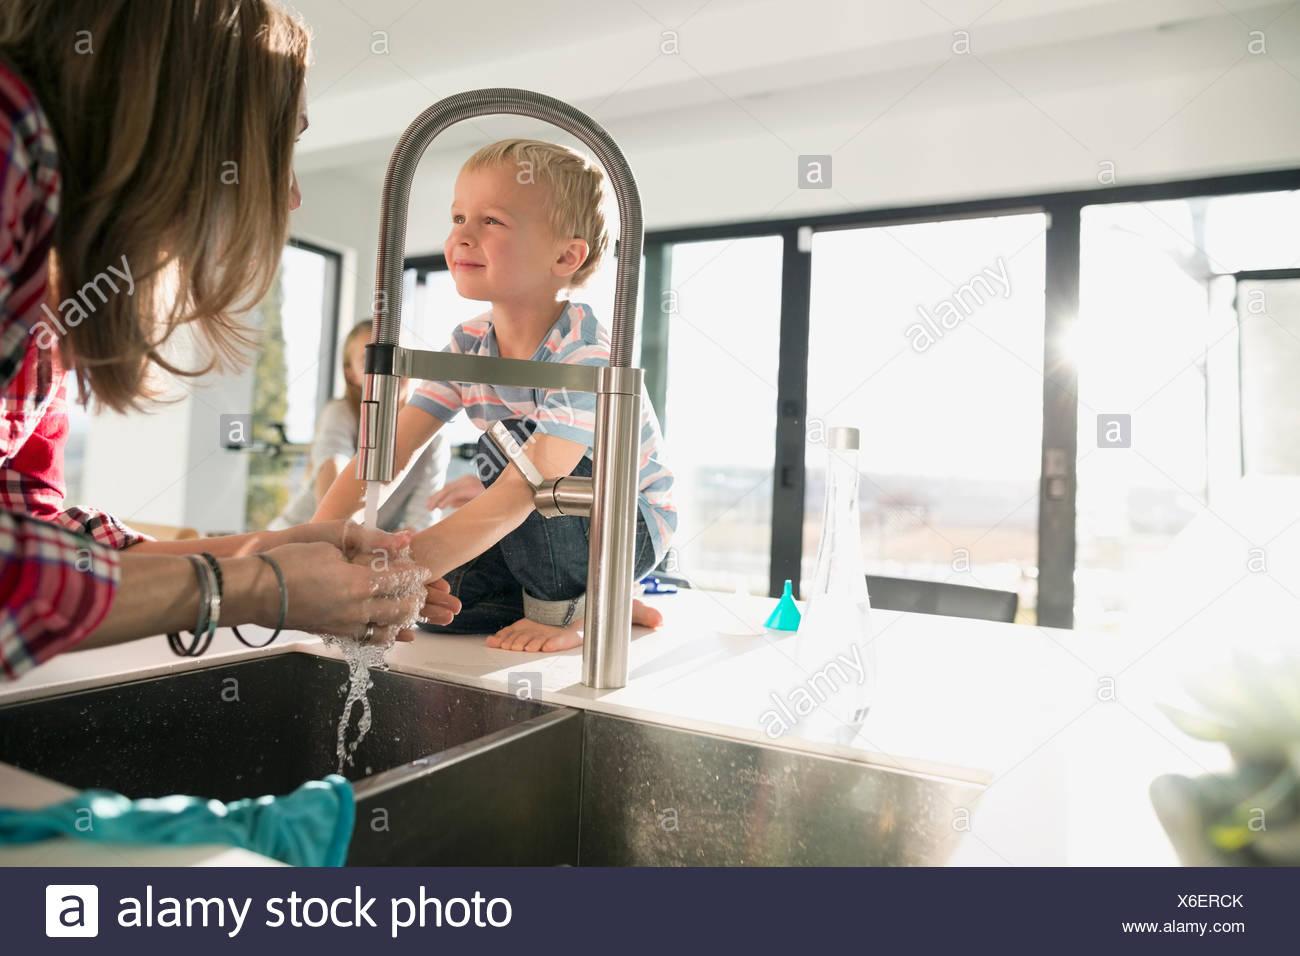 Madre lavando le mani nel lavello da cucina Immagini Stock